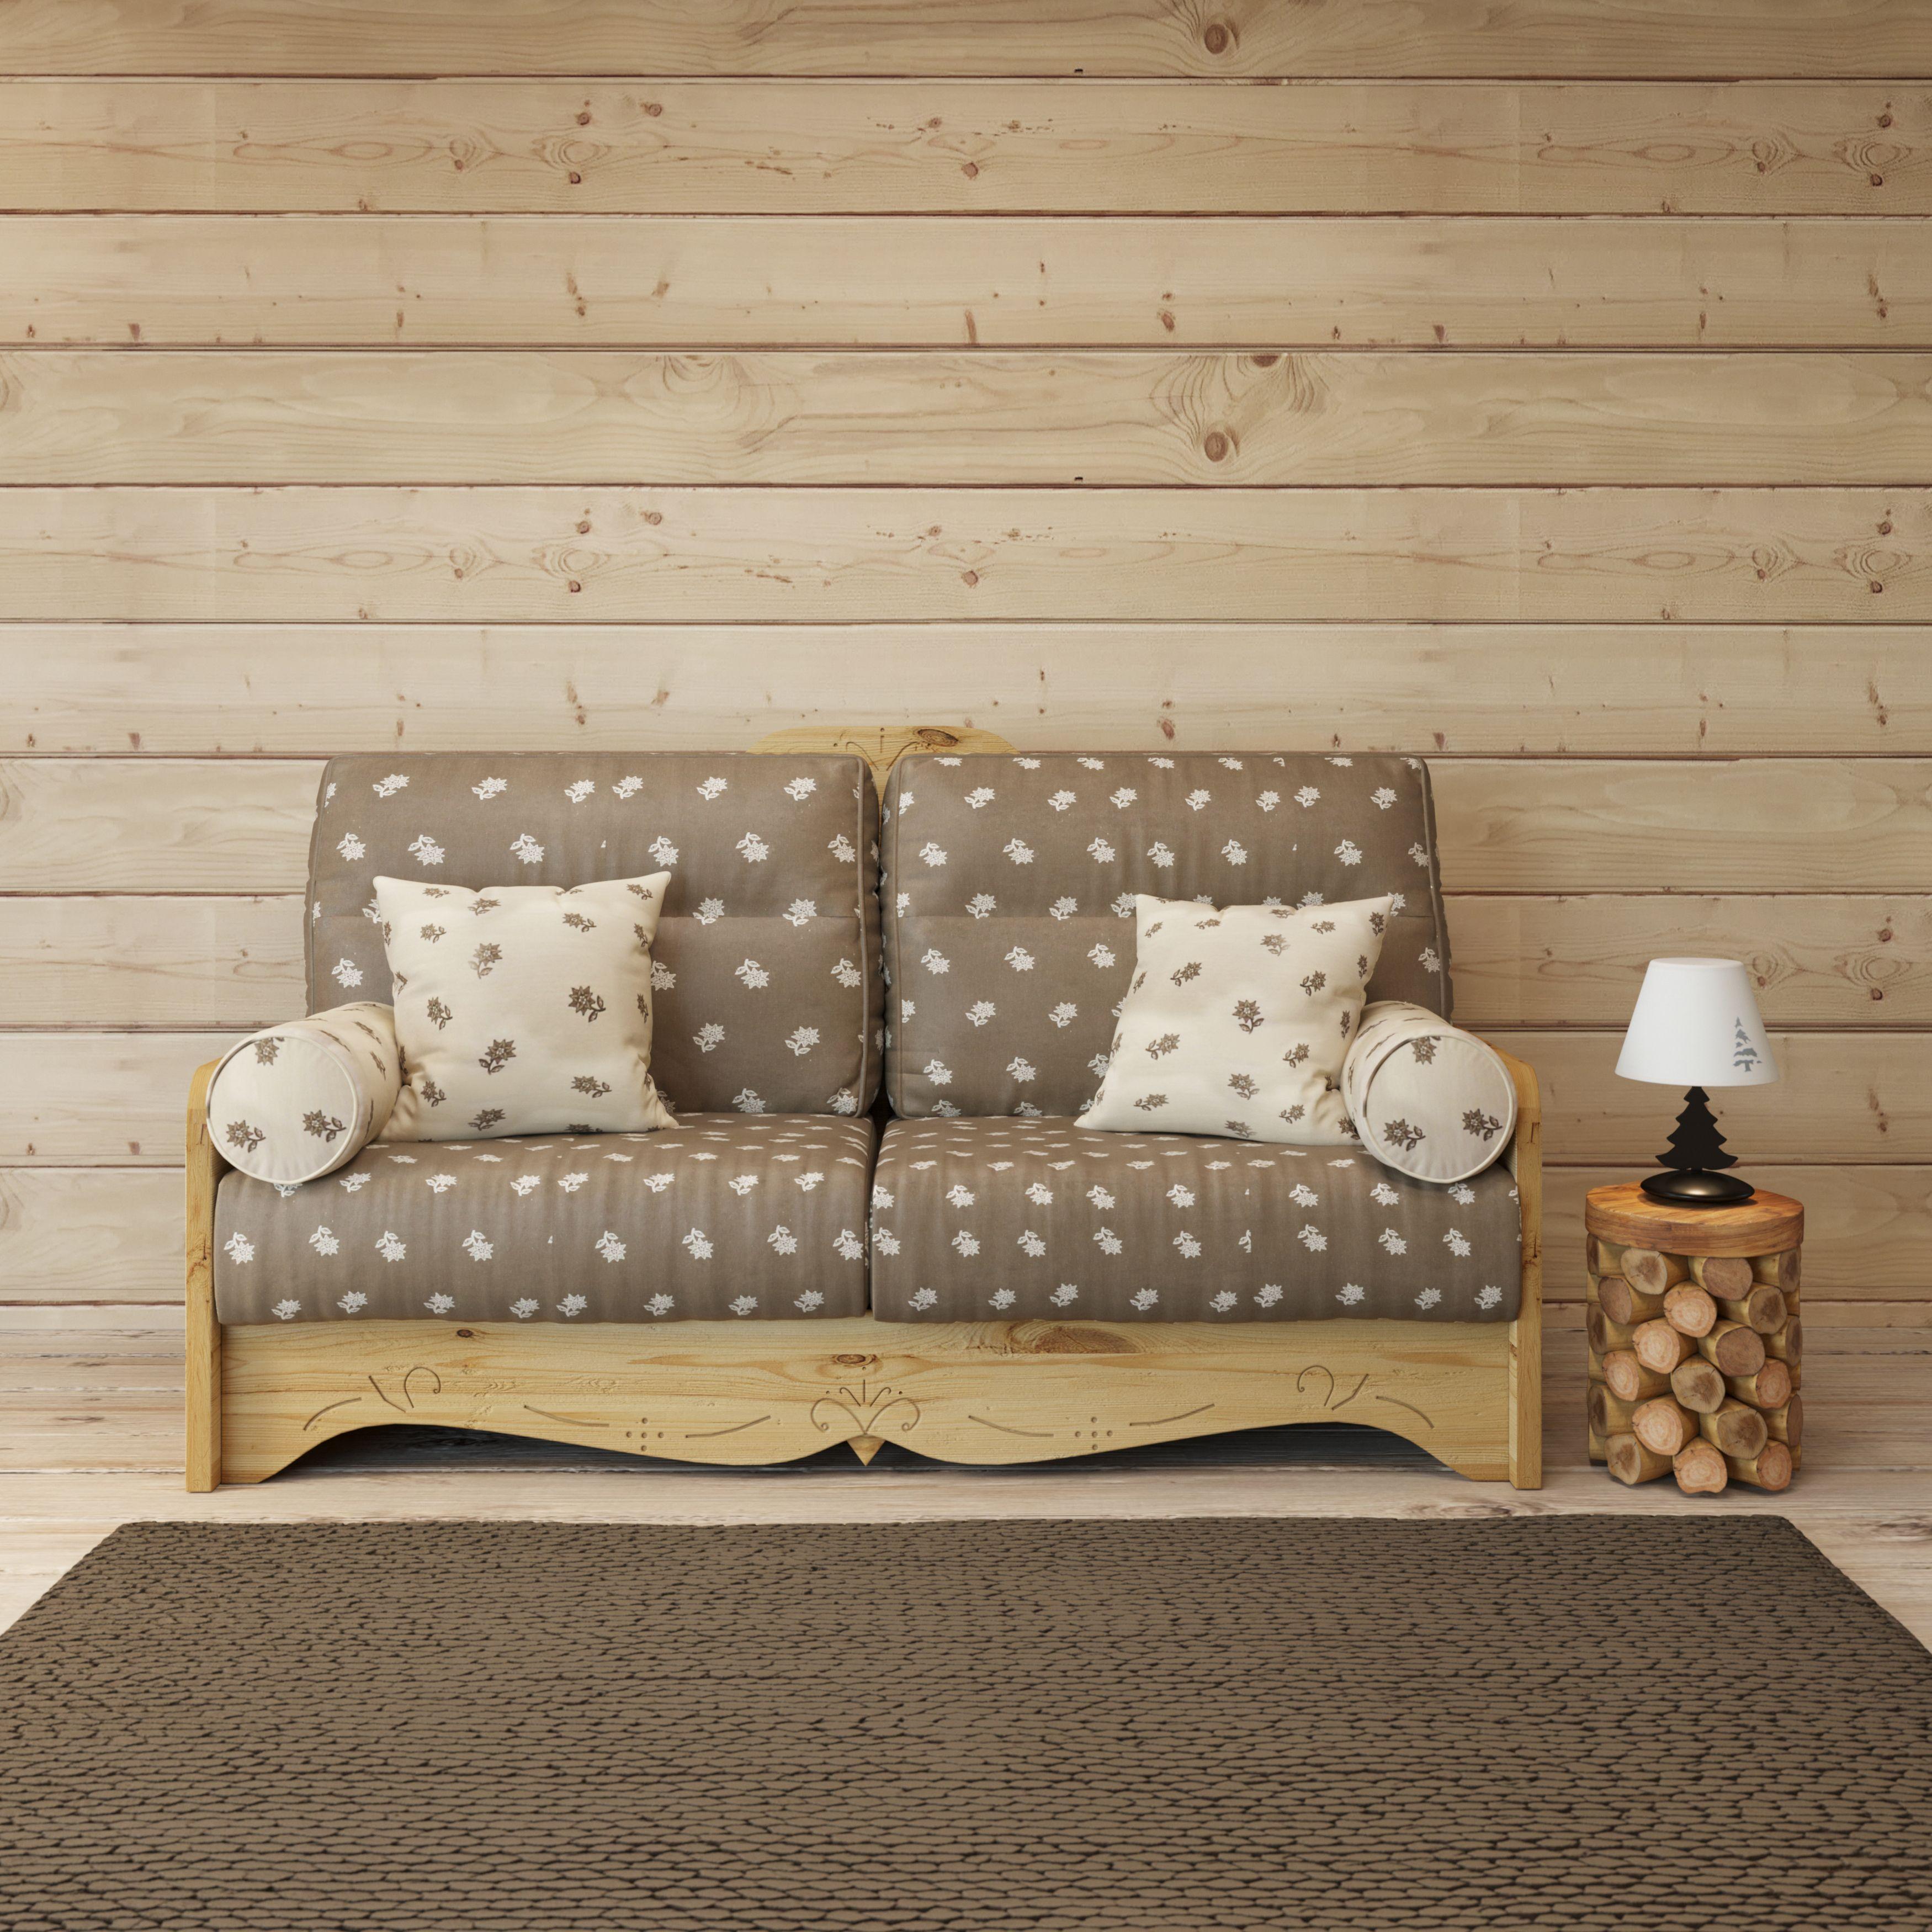 Ce Canape Convertible En Bois Massif Et Tissu Montagnard Est Ideal Pour Un Studio En Station Canape Convertible Meuble Deco Canape